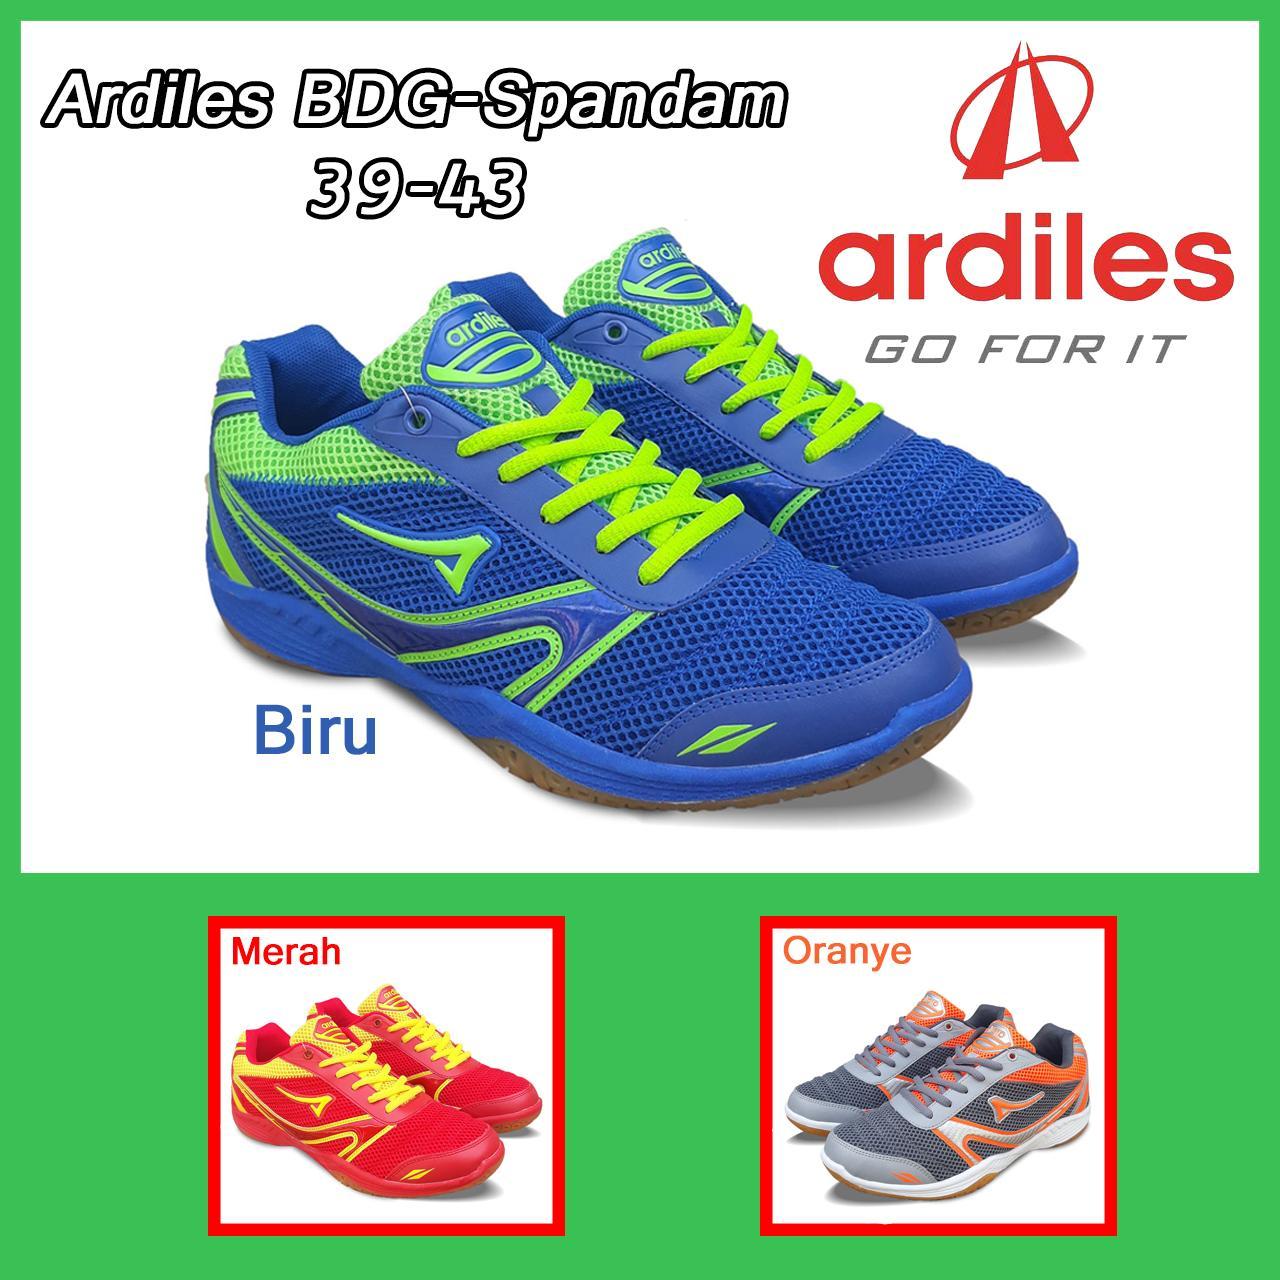 Jual Sepatu Jogging Termurah Eagle Spider Bosmuda Ardiles Bdg Spandam 39 43 Pria Sport Sneakers